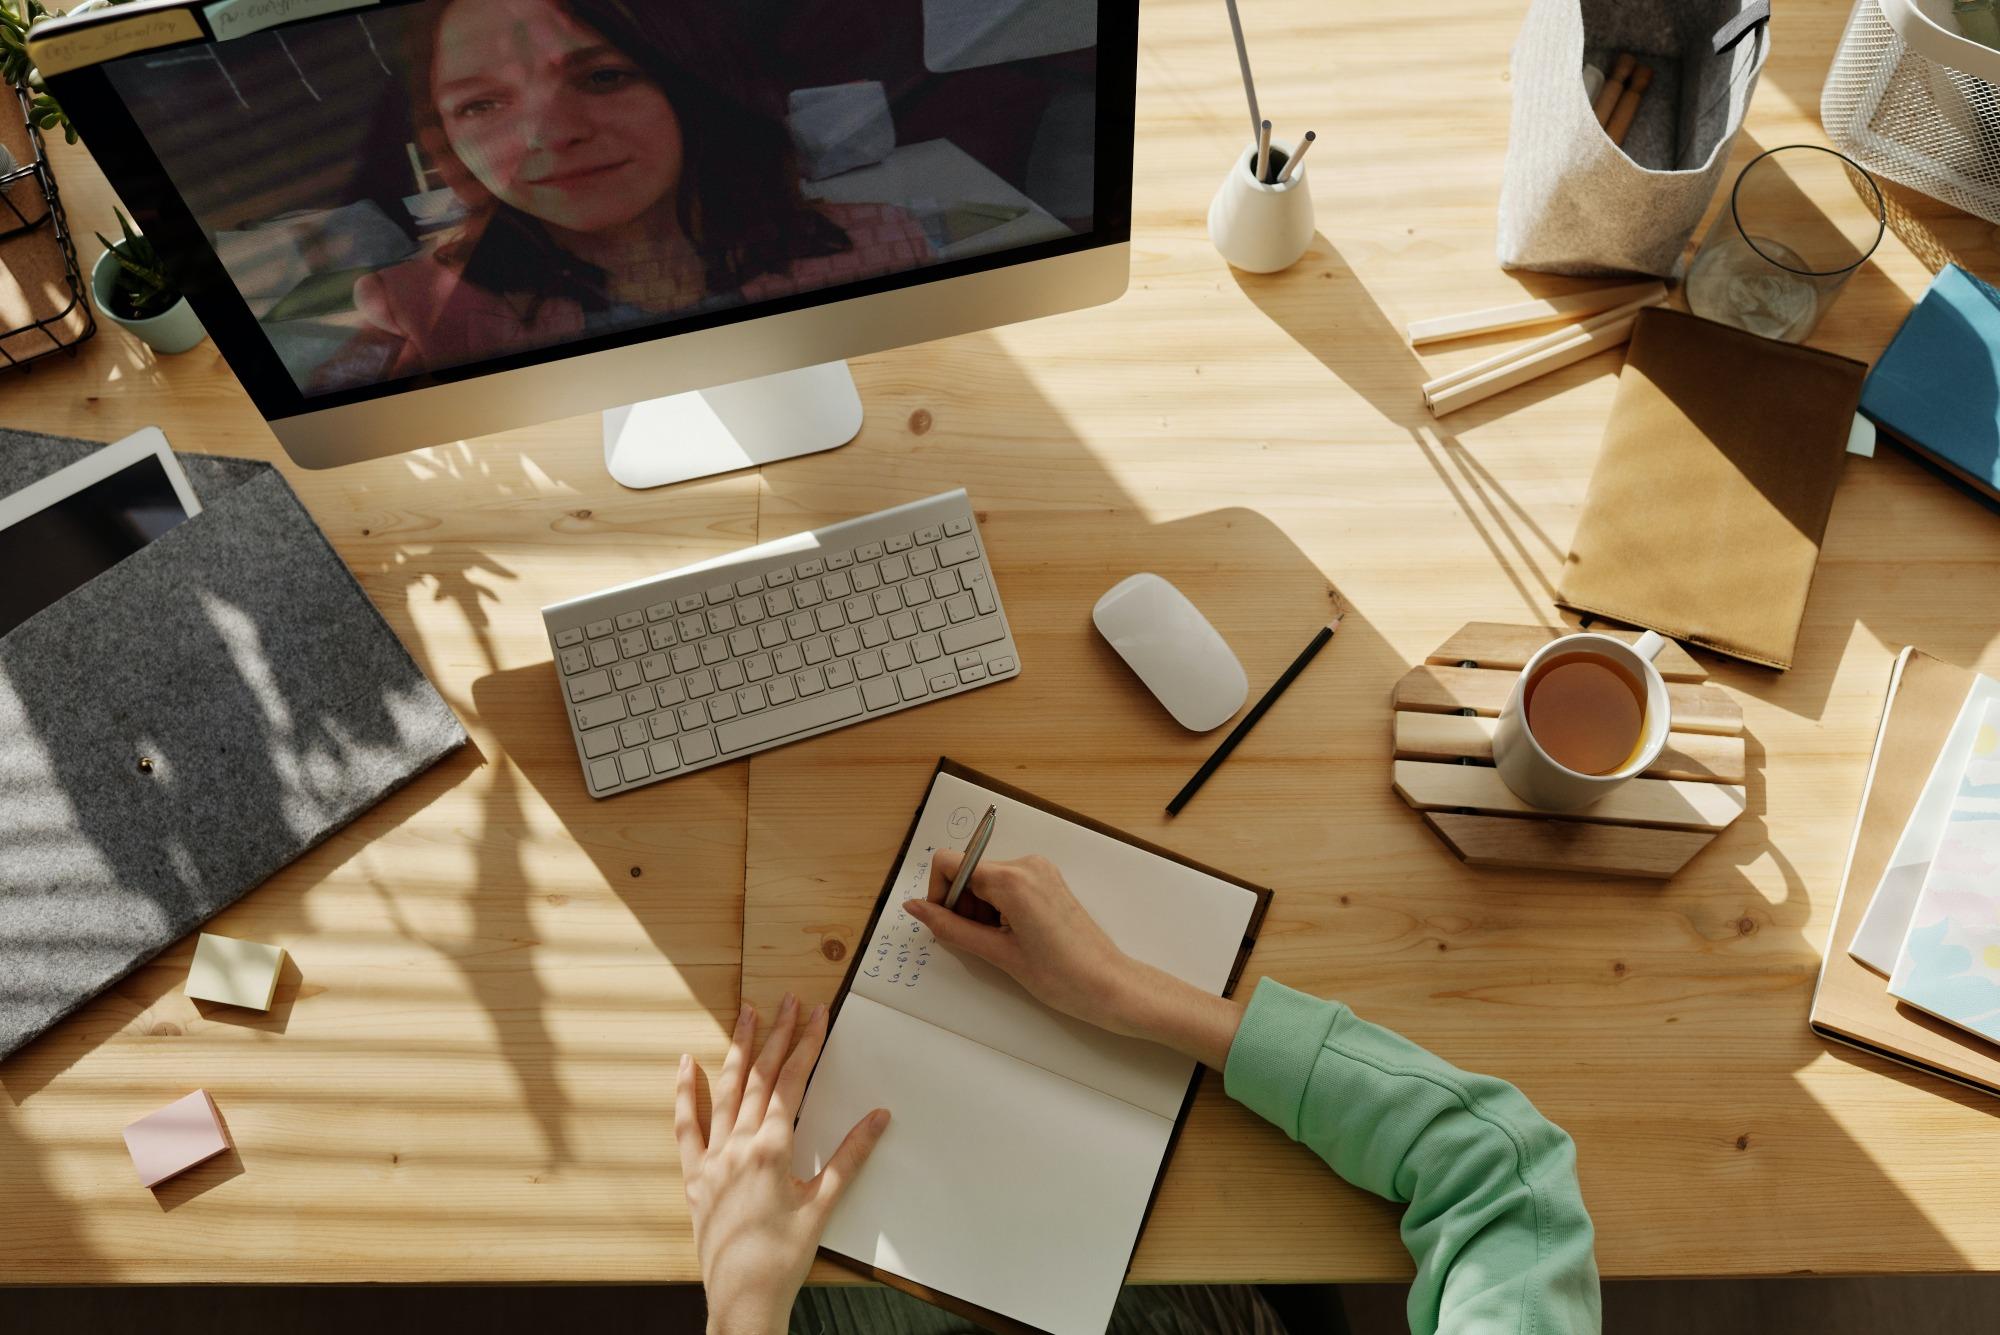 reuniao por video videoconferencia